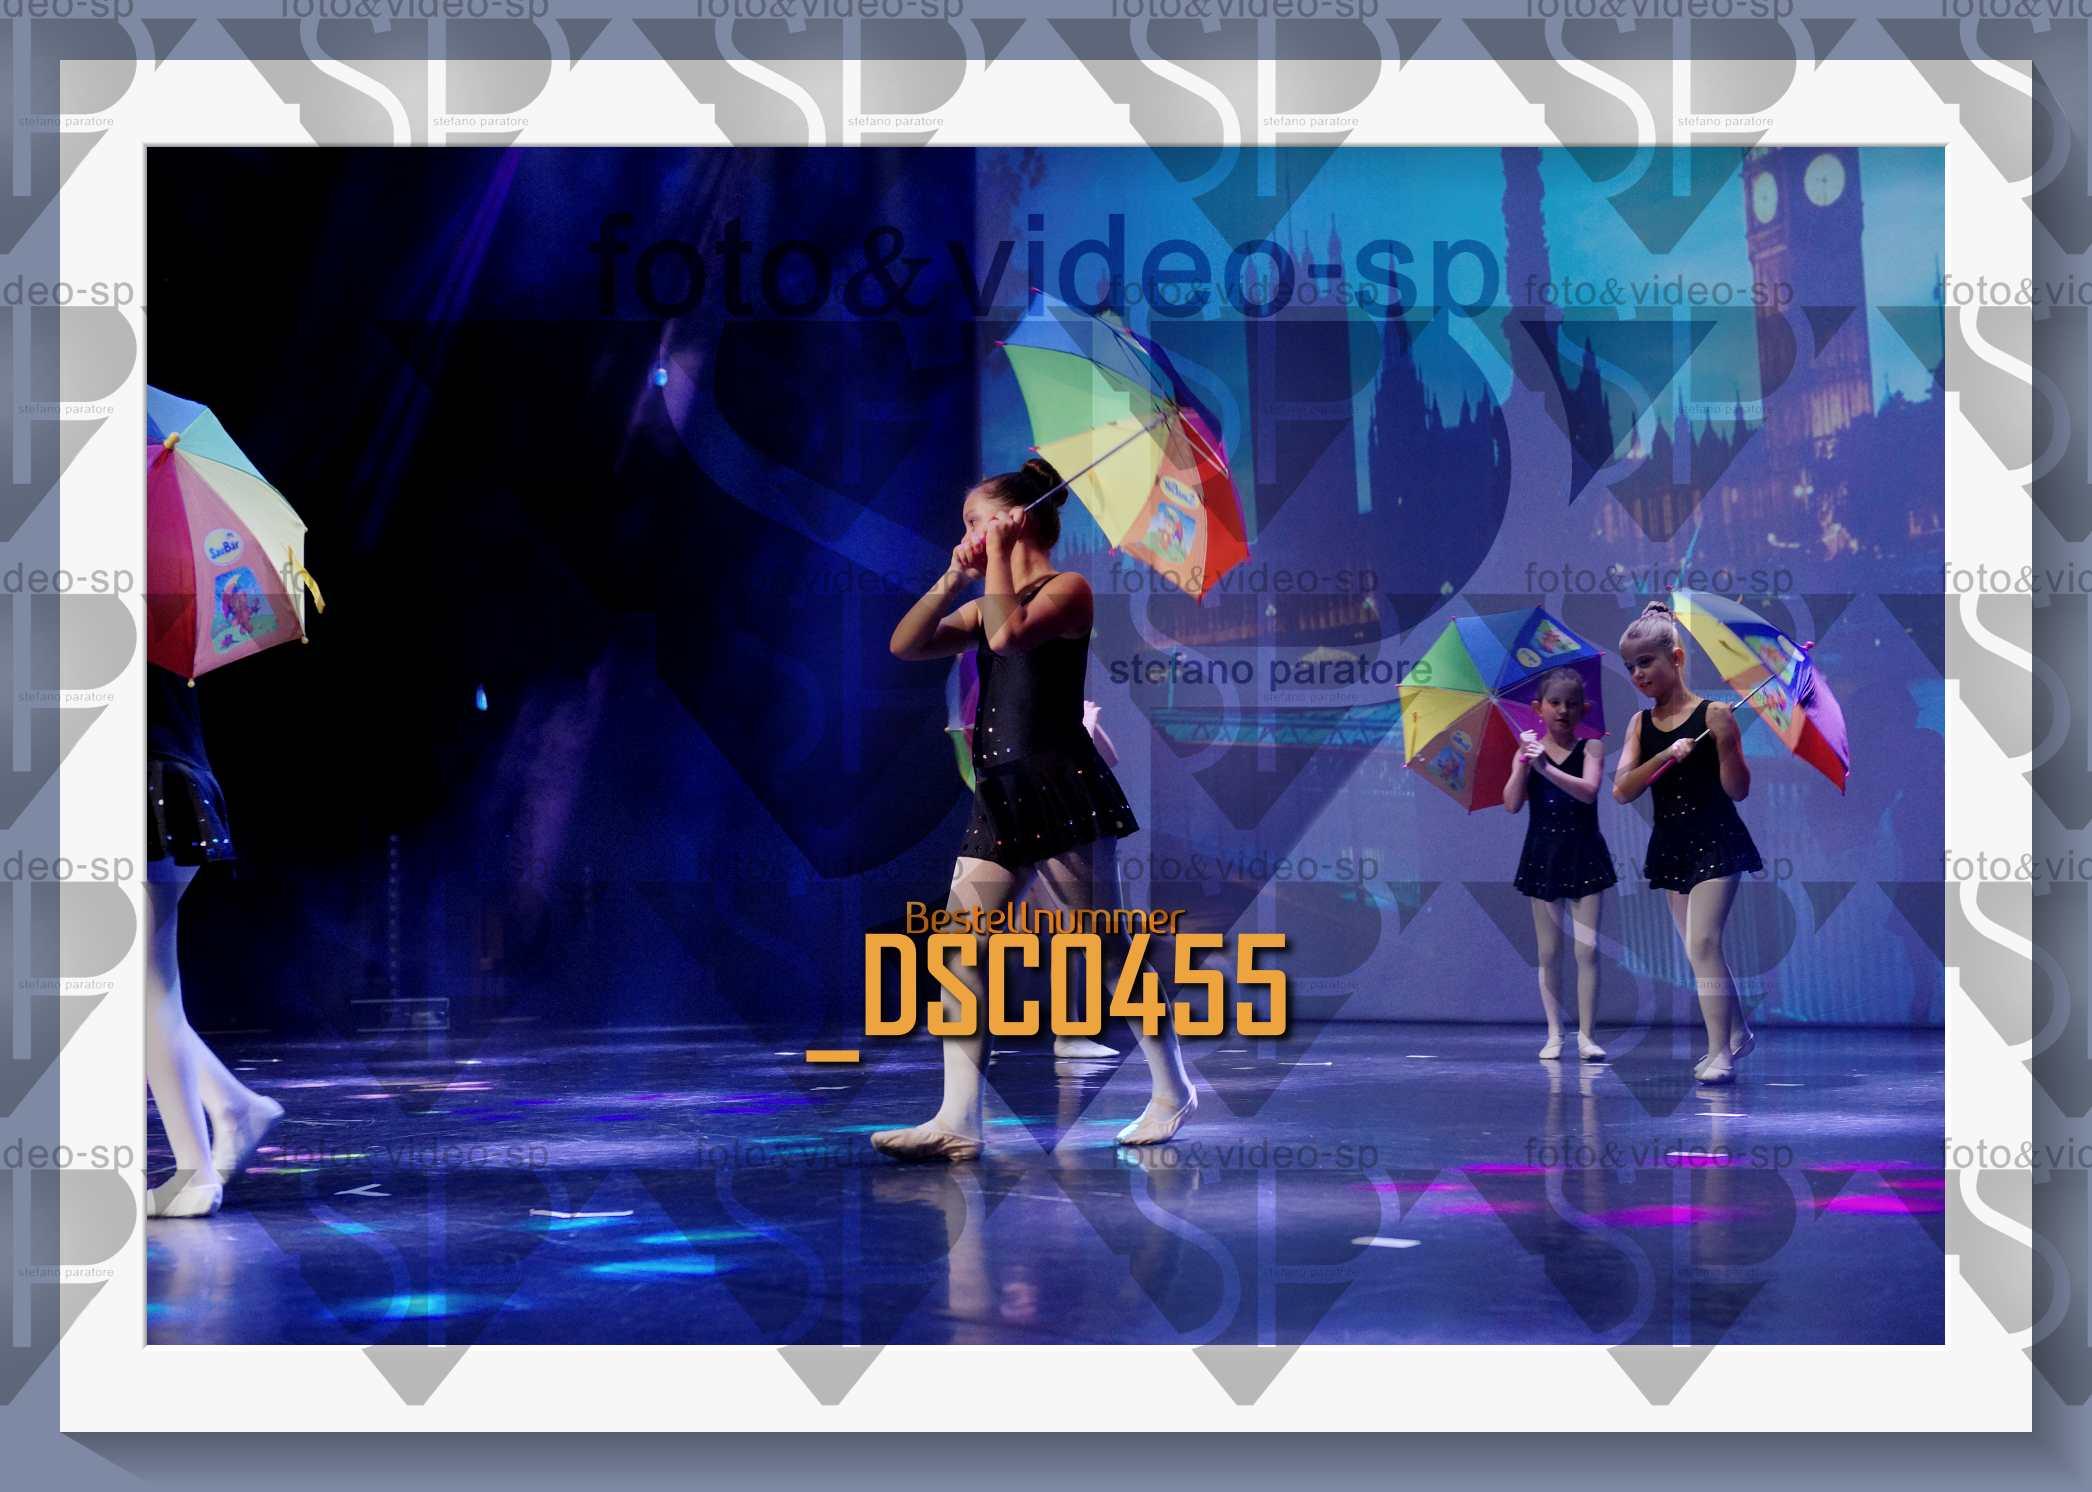 DSC0455